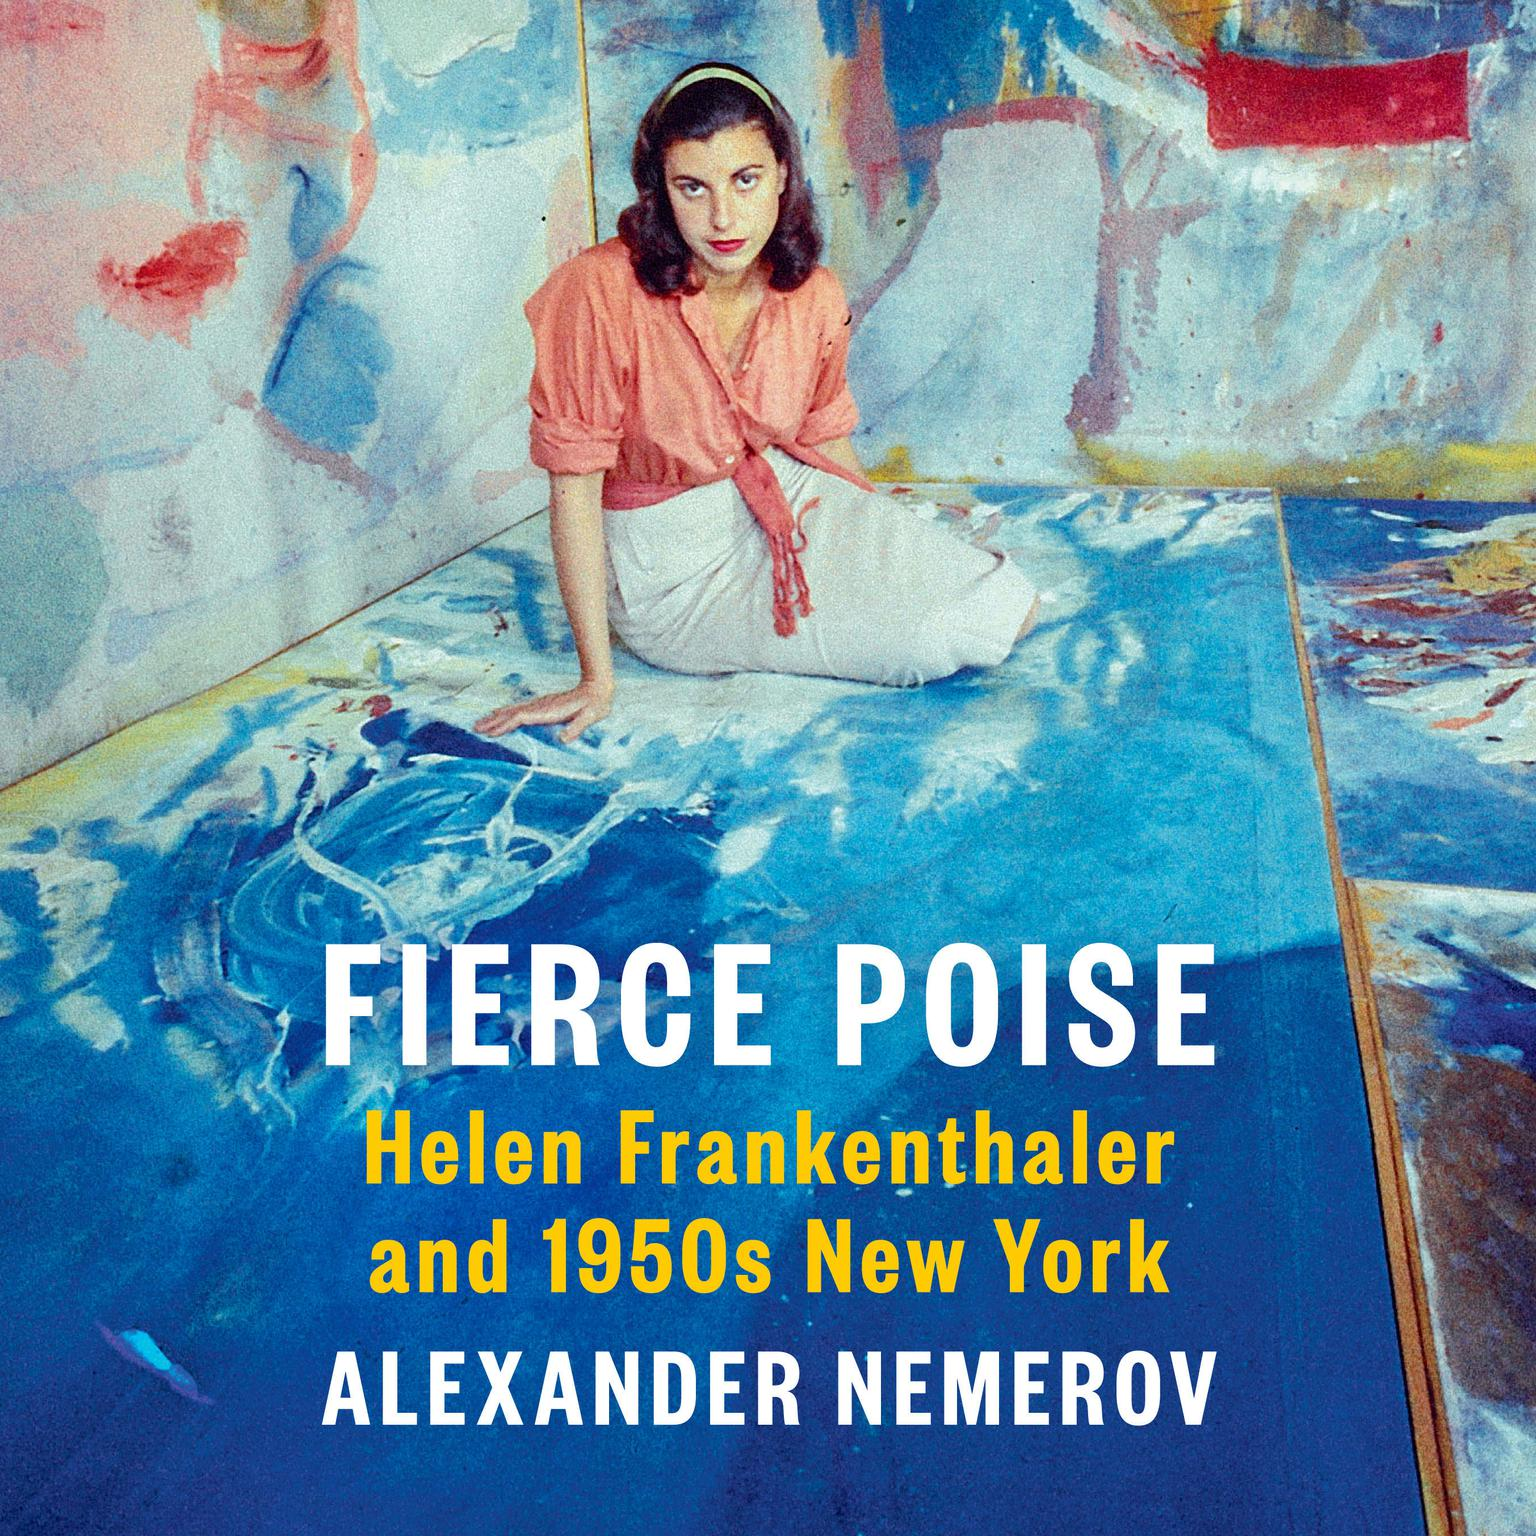 Fierce Poise: Helen Frankenthaler and 1950s New York Audiobook, by Alexander Nemerov